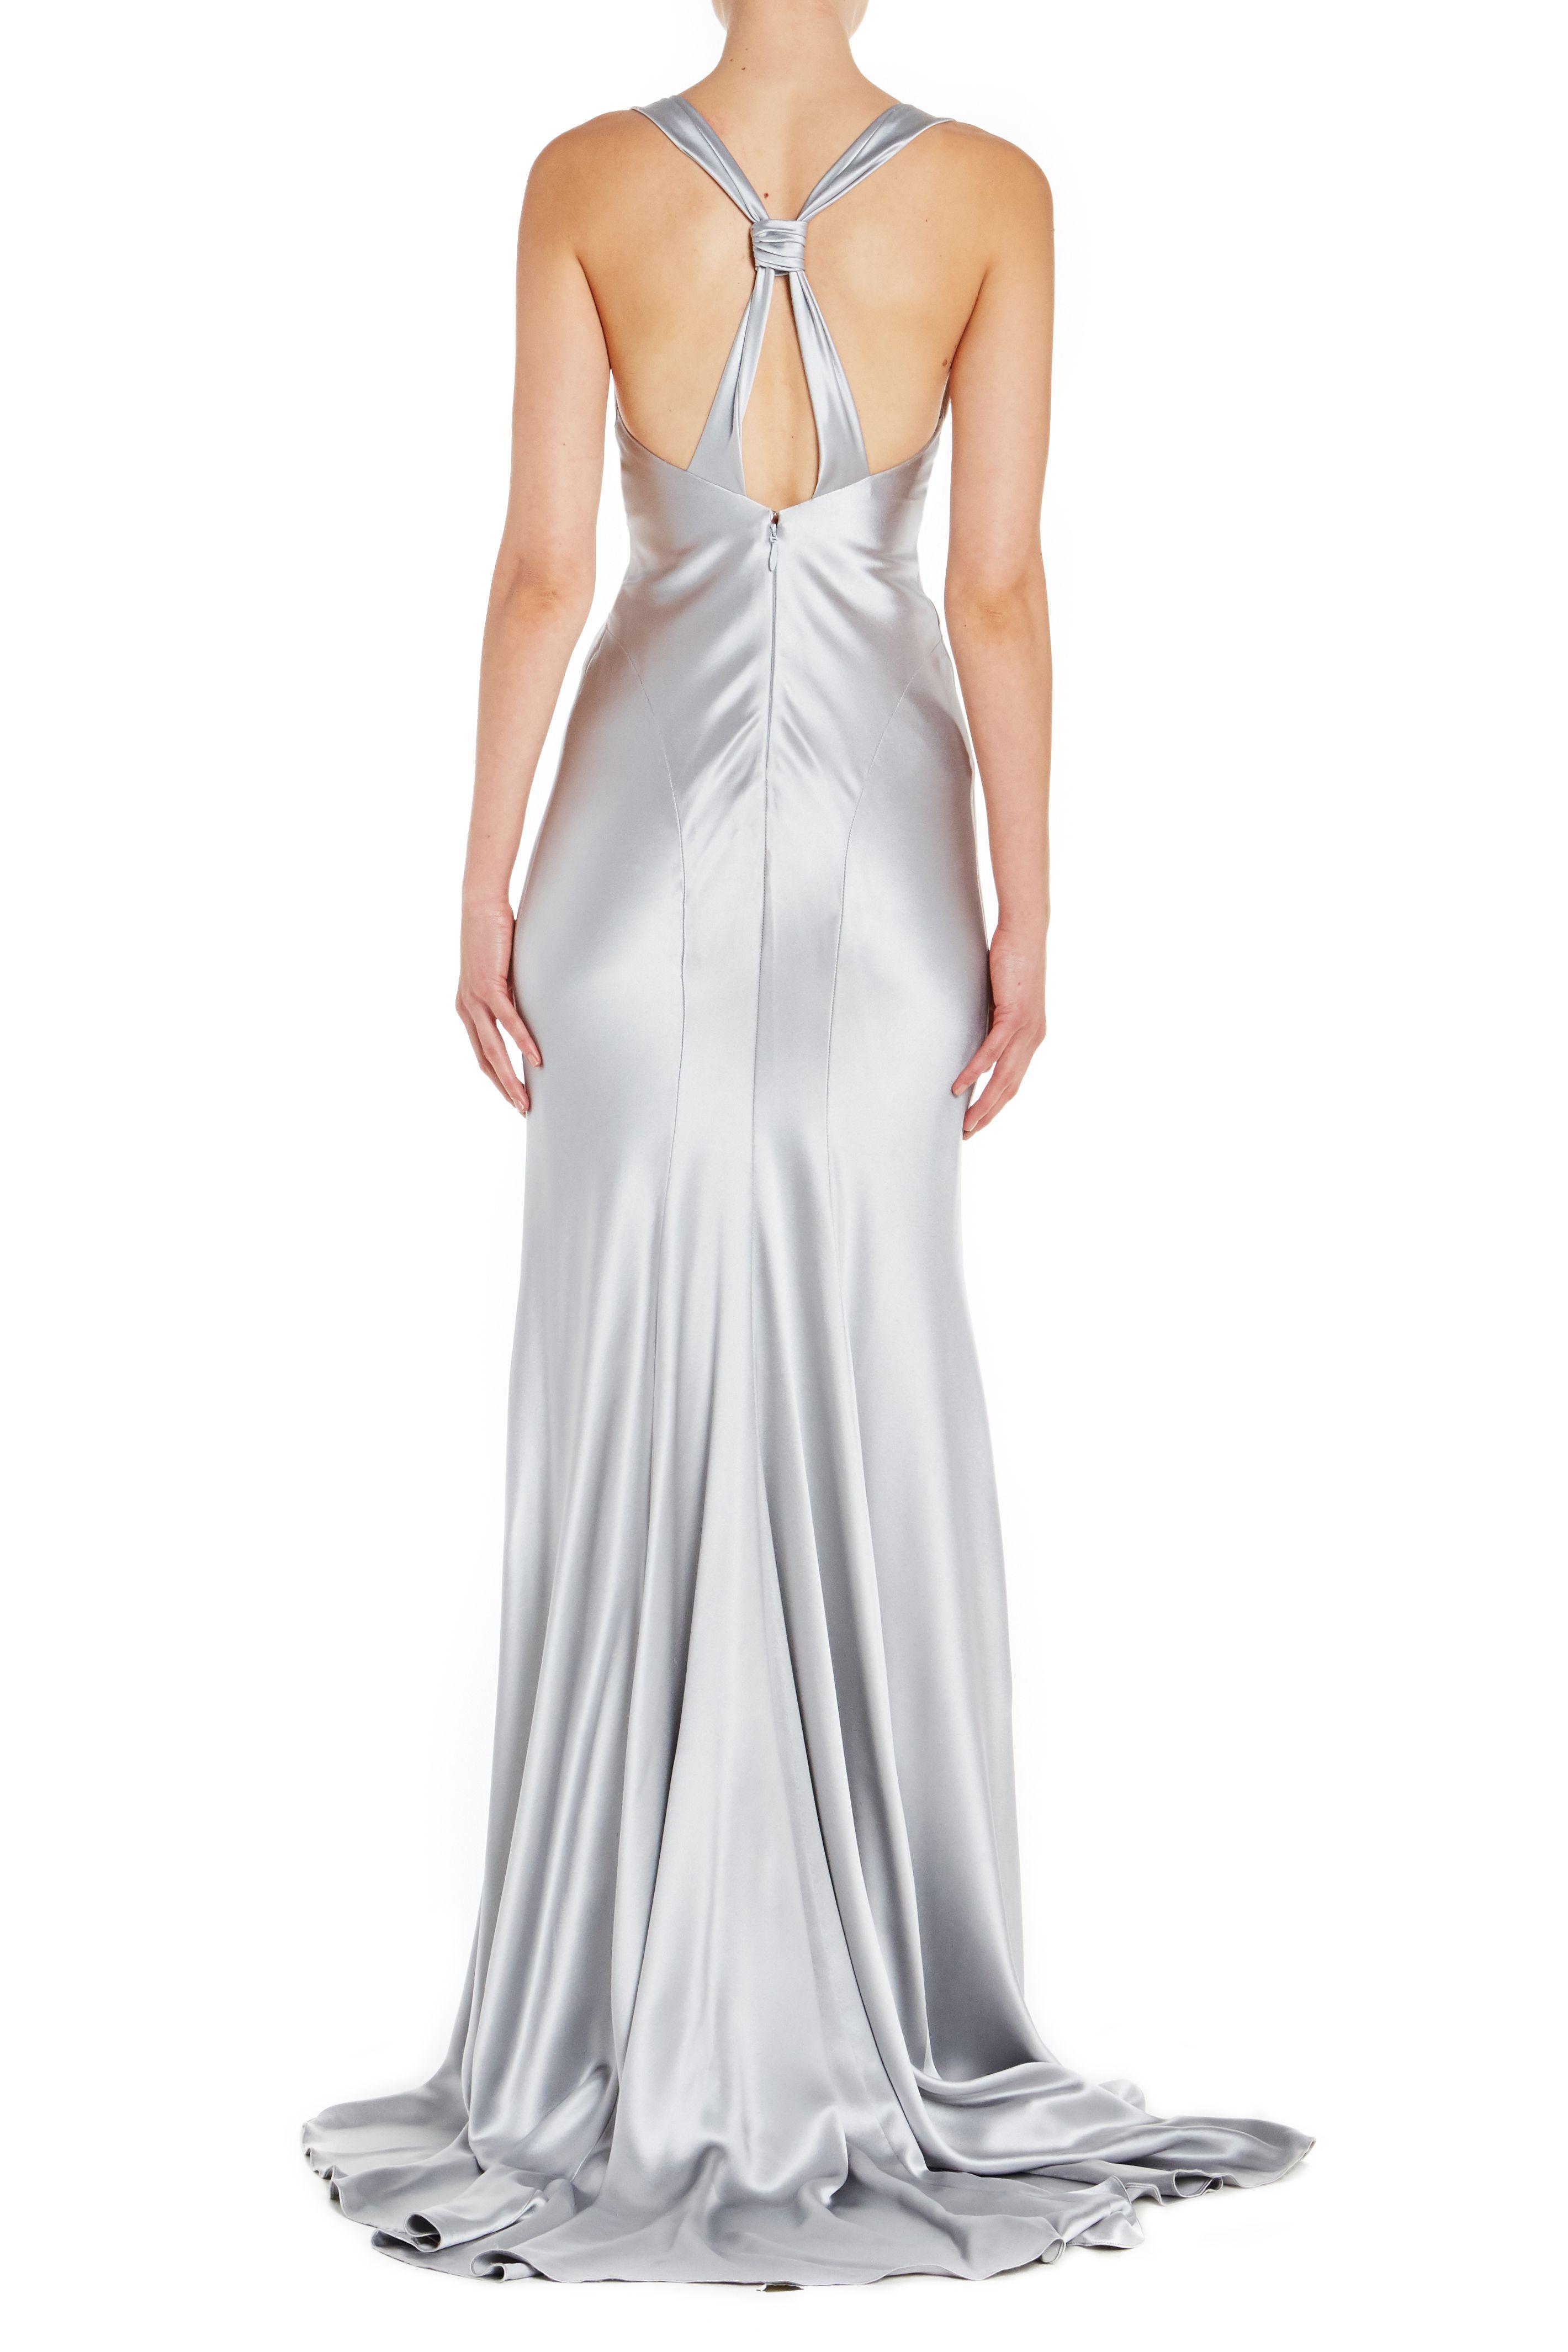 50 dress anastasia grey shades of Fifty Shades